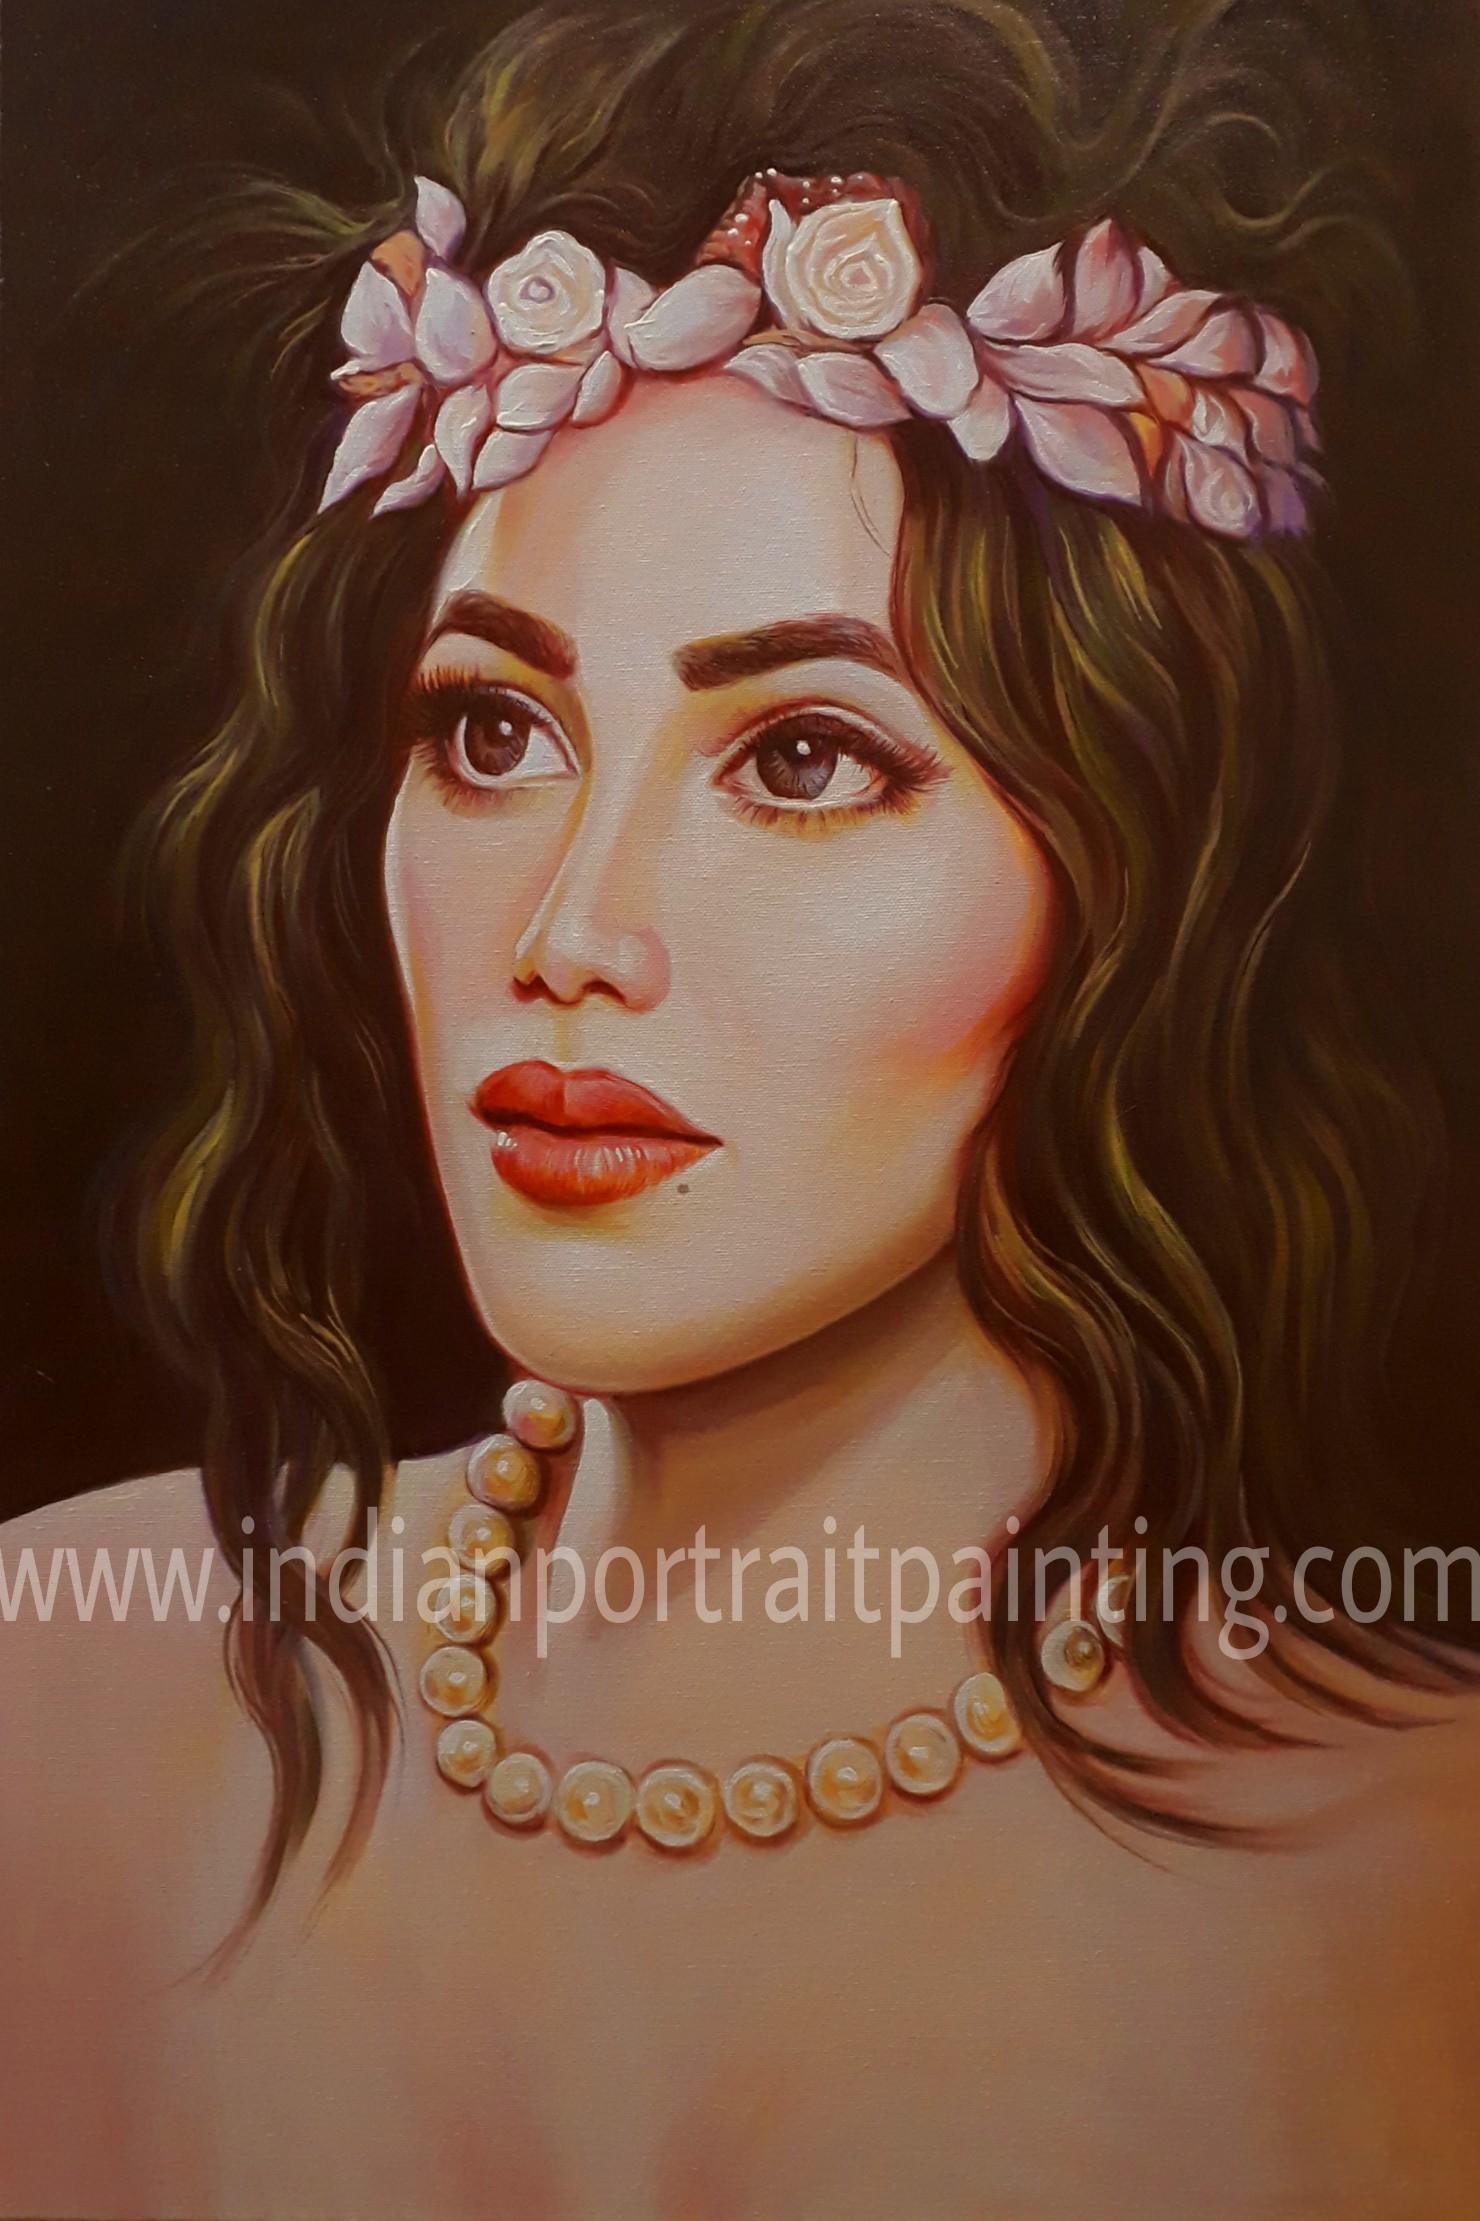 Indian portrait painting watercolour